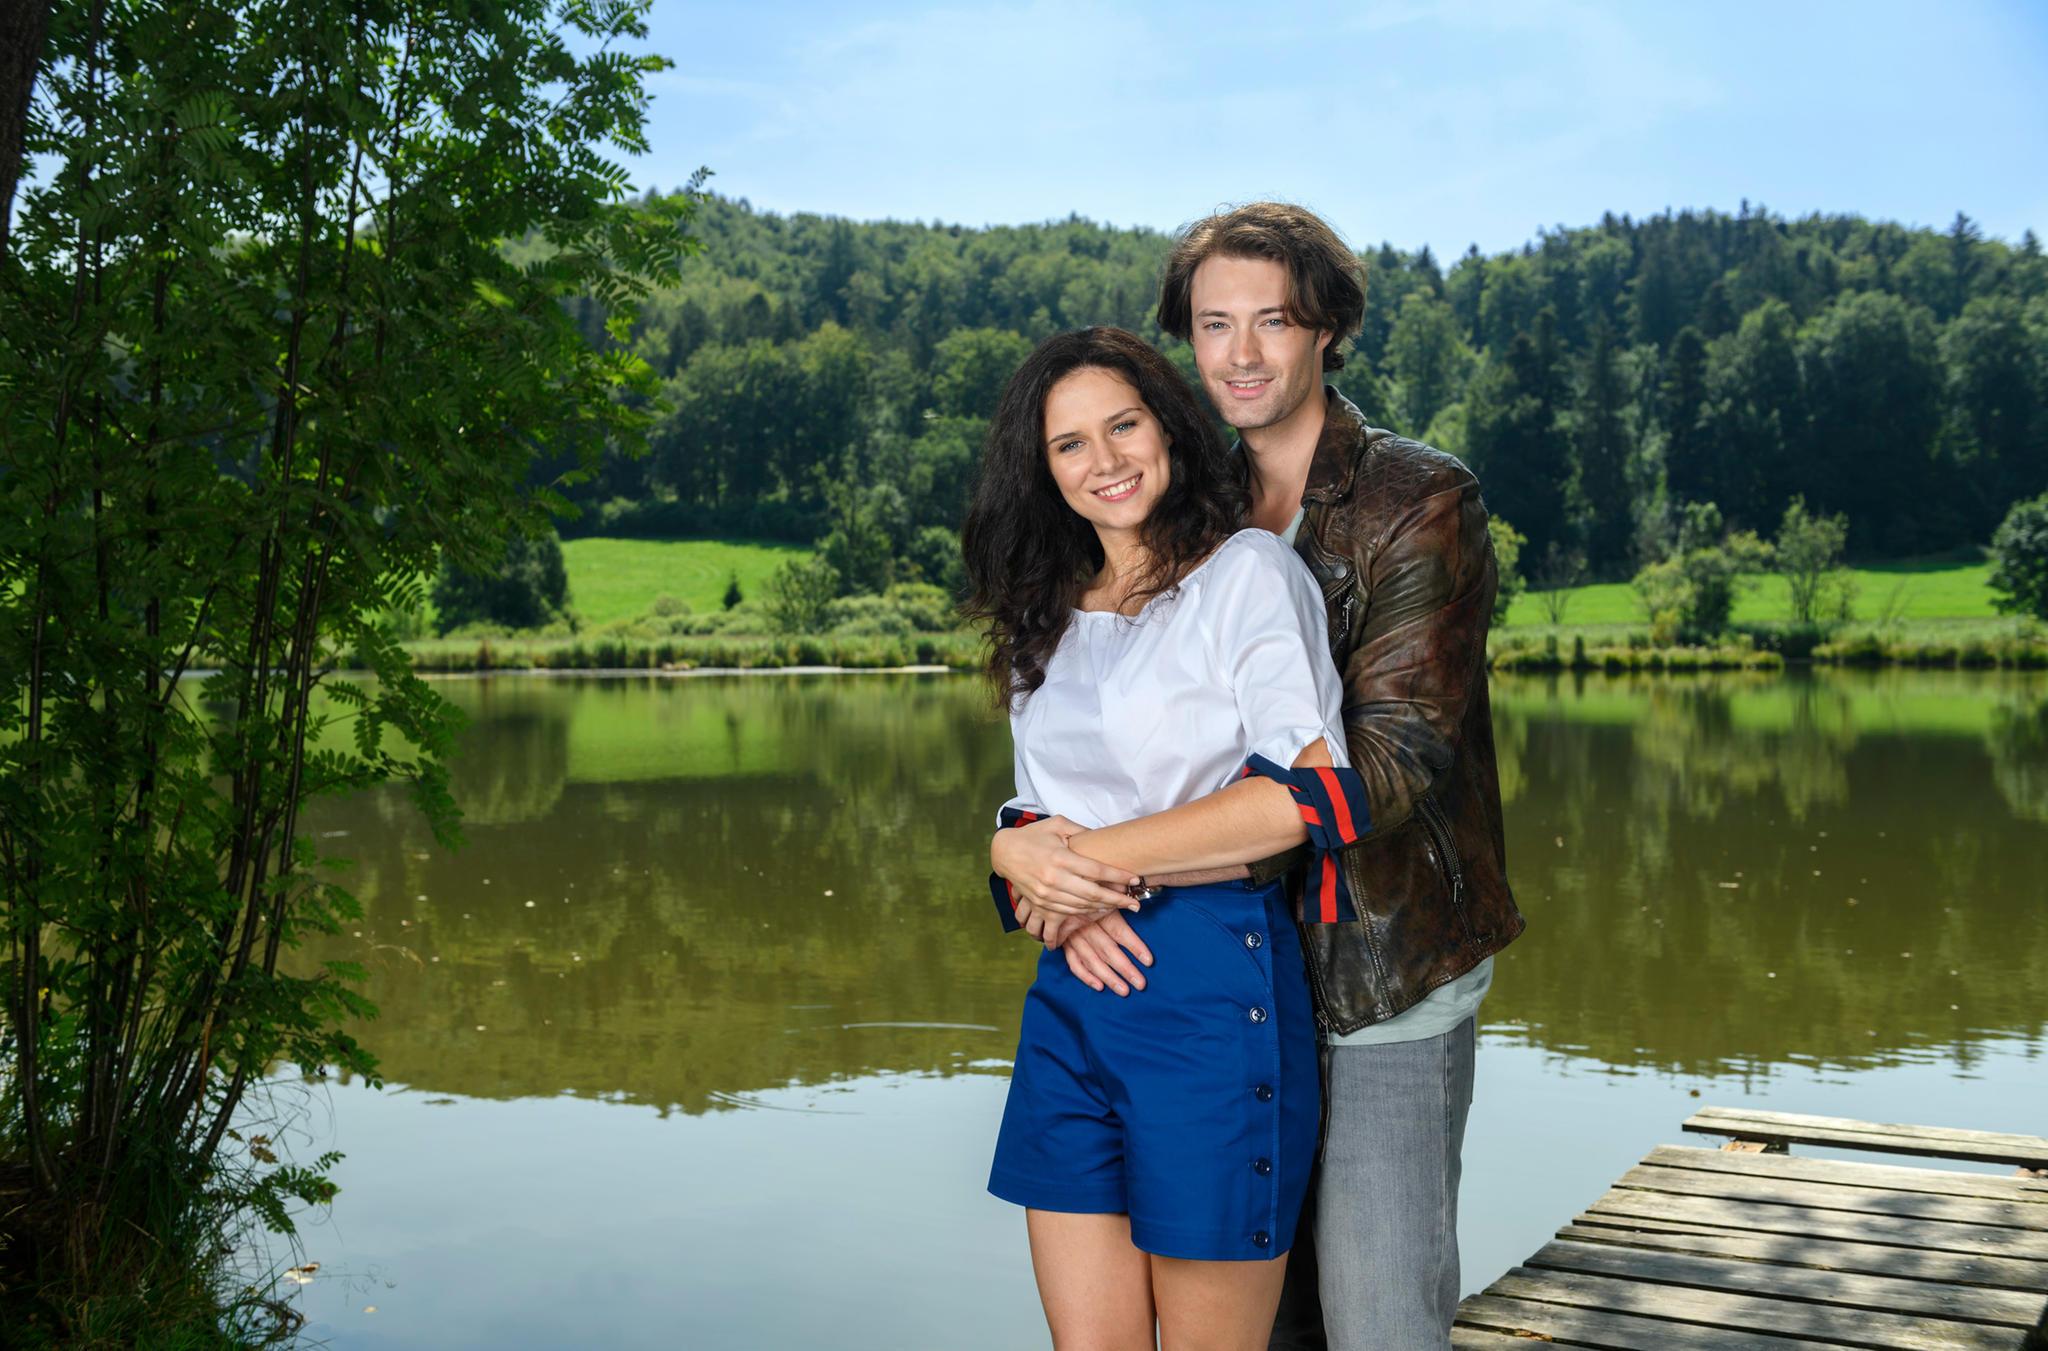 """Neue Hauptdarsteller bei """"Sturm der Liebe"""": Helen Barke alias Denise Saalfeld und Julian Schneider alias Joshua Winter"""